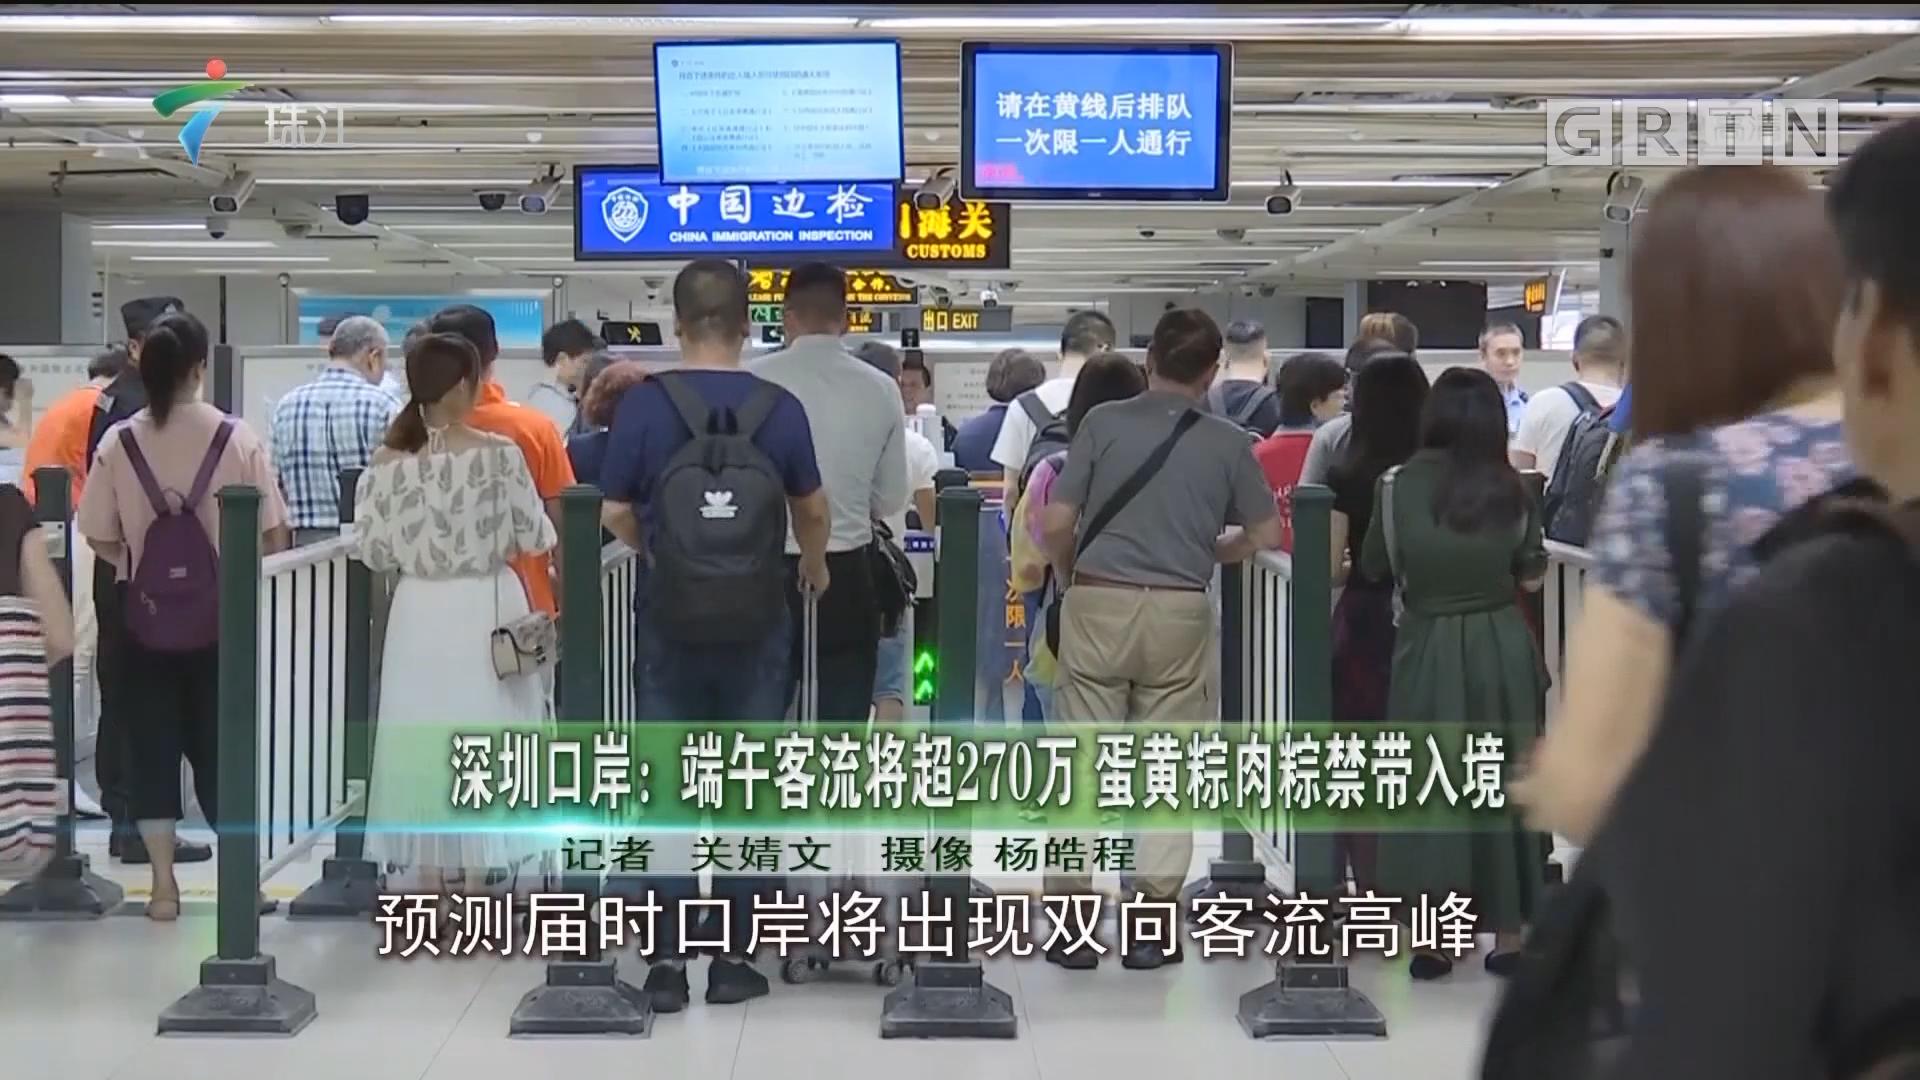 深圳口岸:端午客流将超270万 蛋黄粽肉粽禁带入境